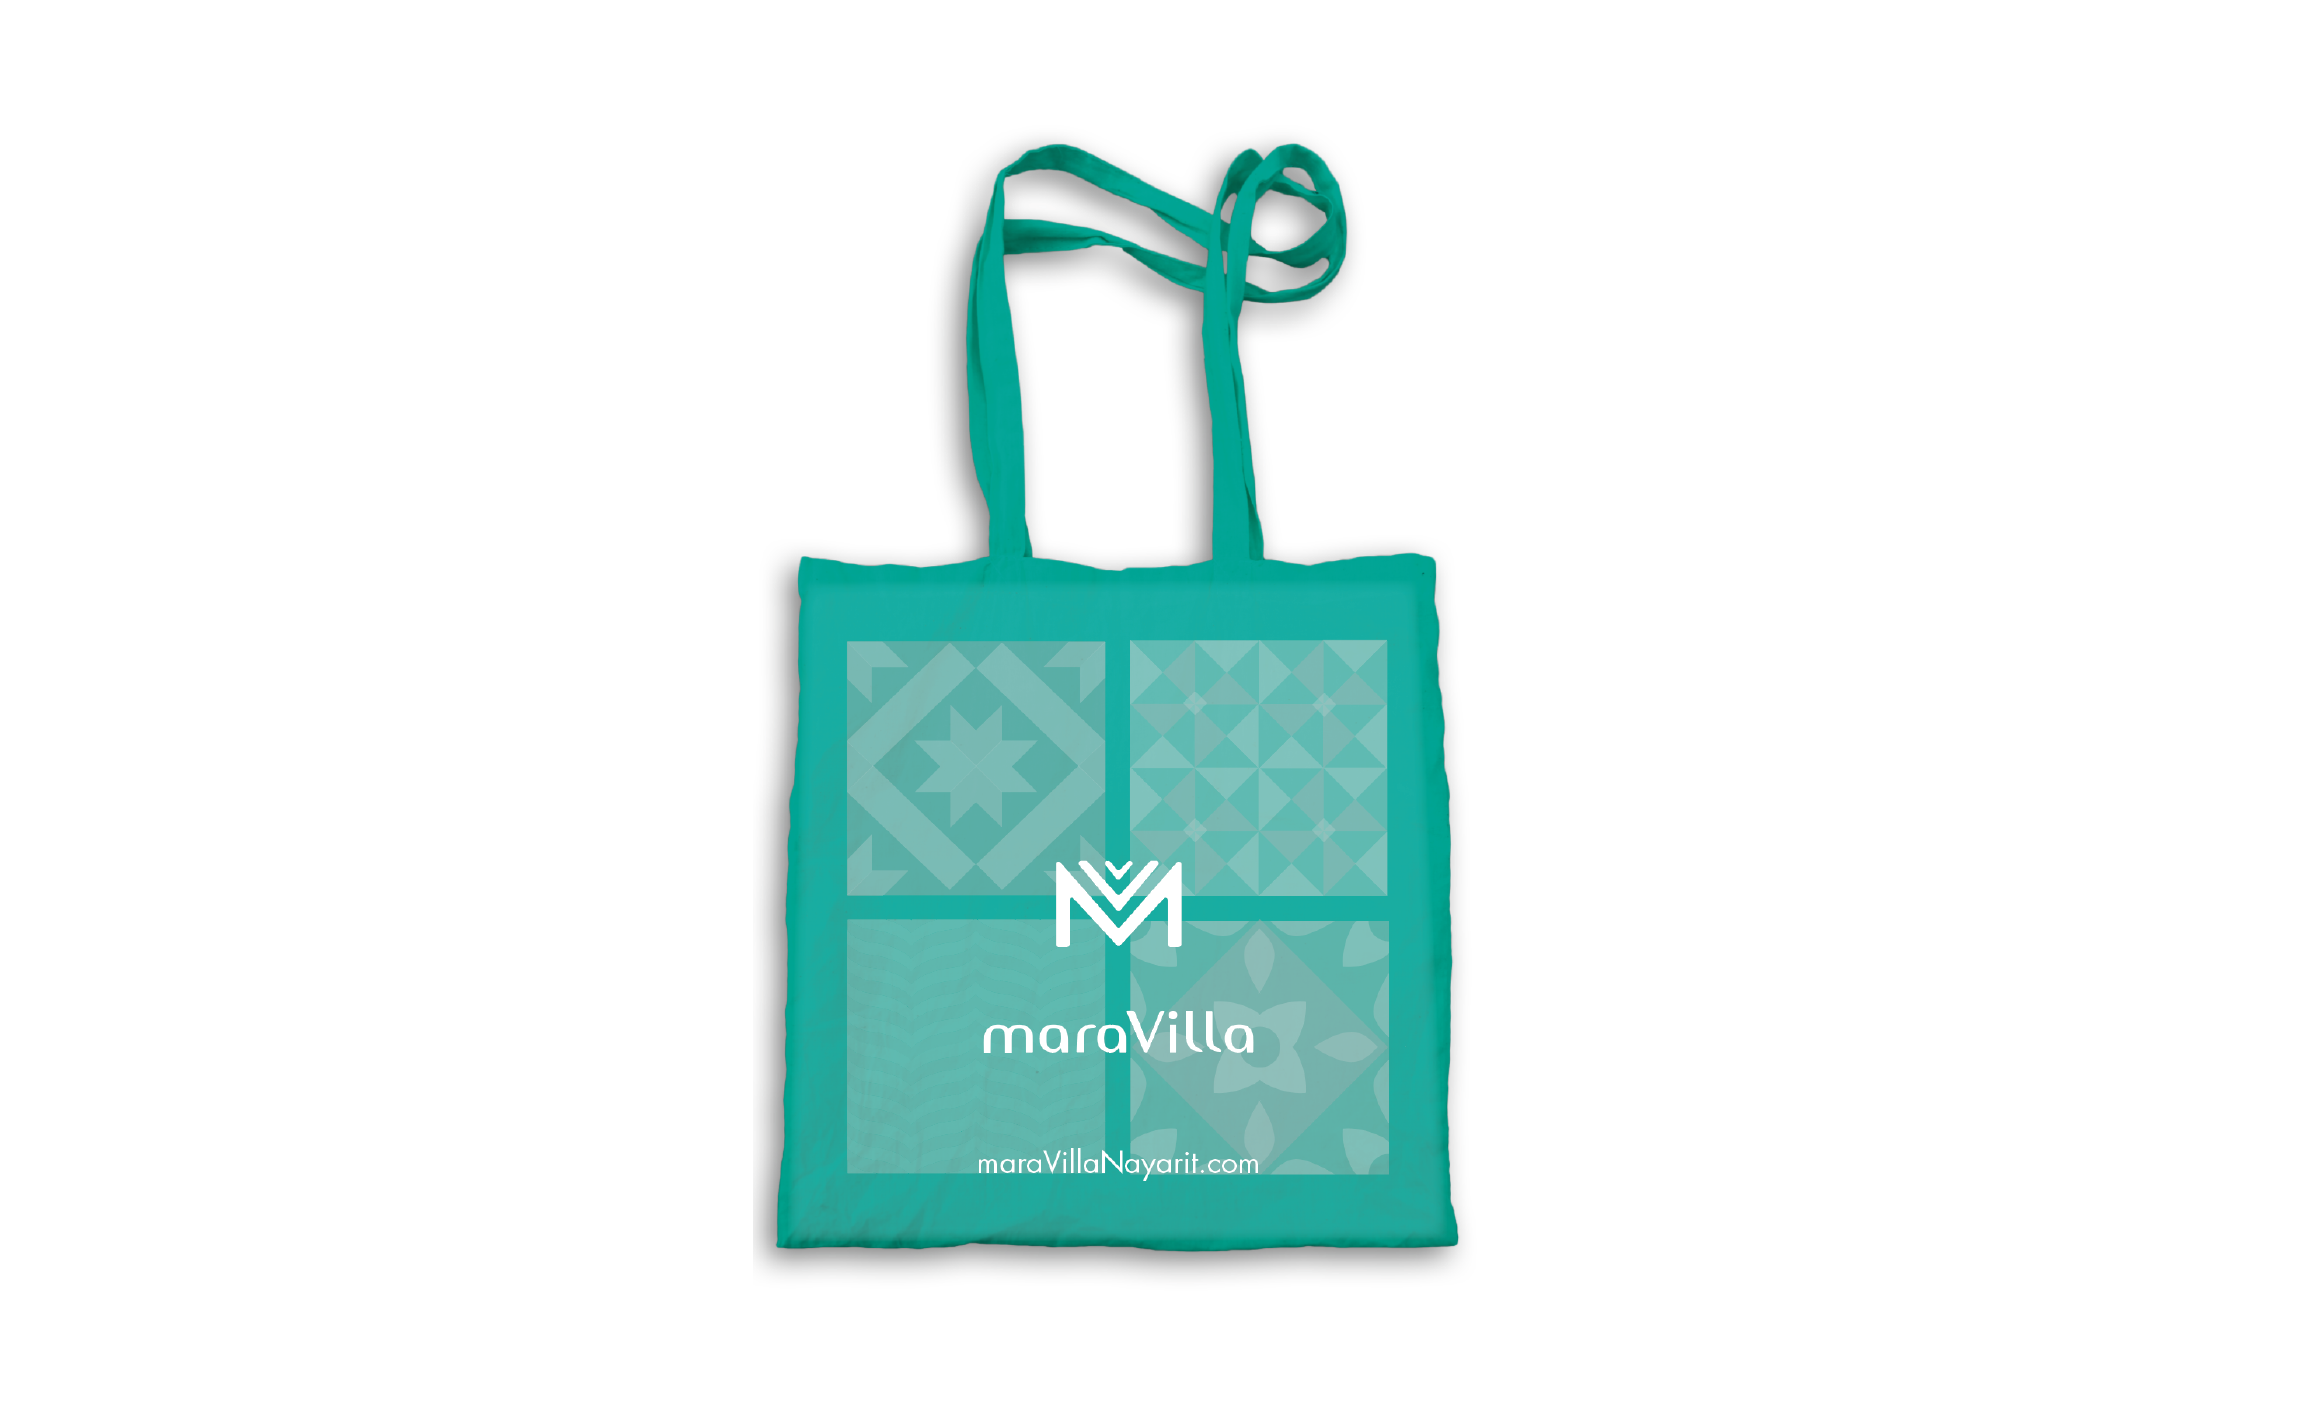 maraVilla-musetteJD-site-01.png